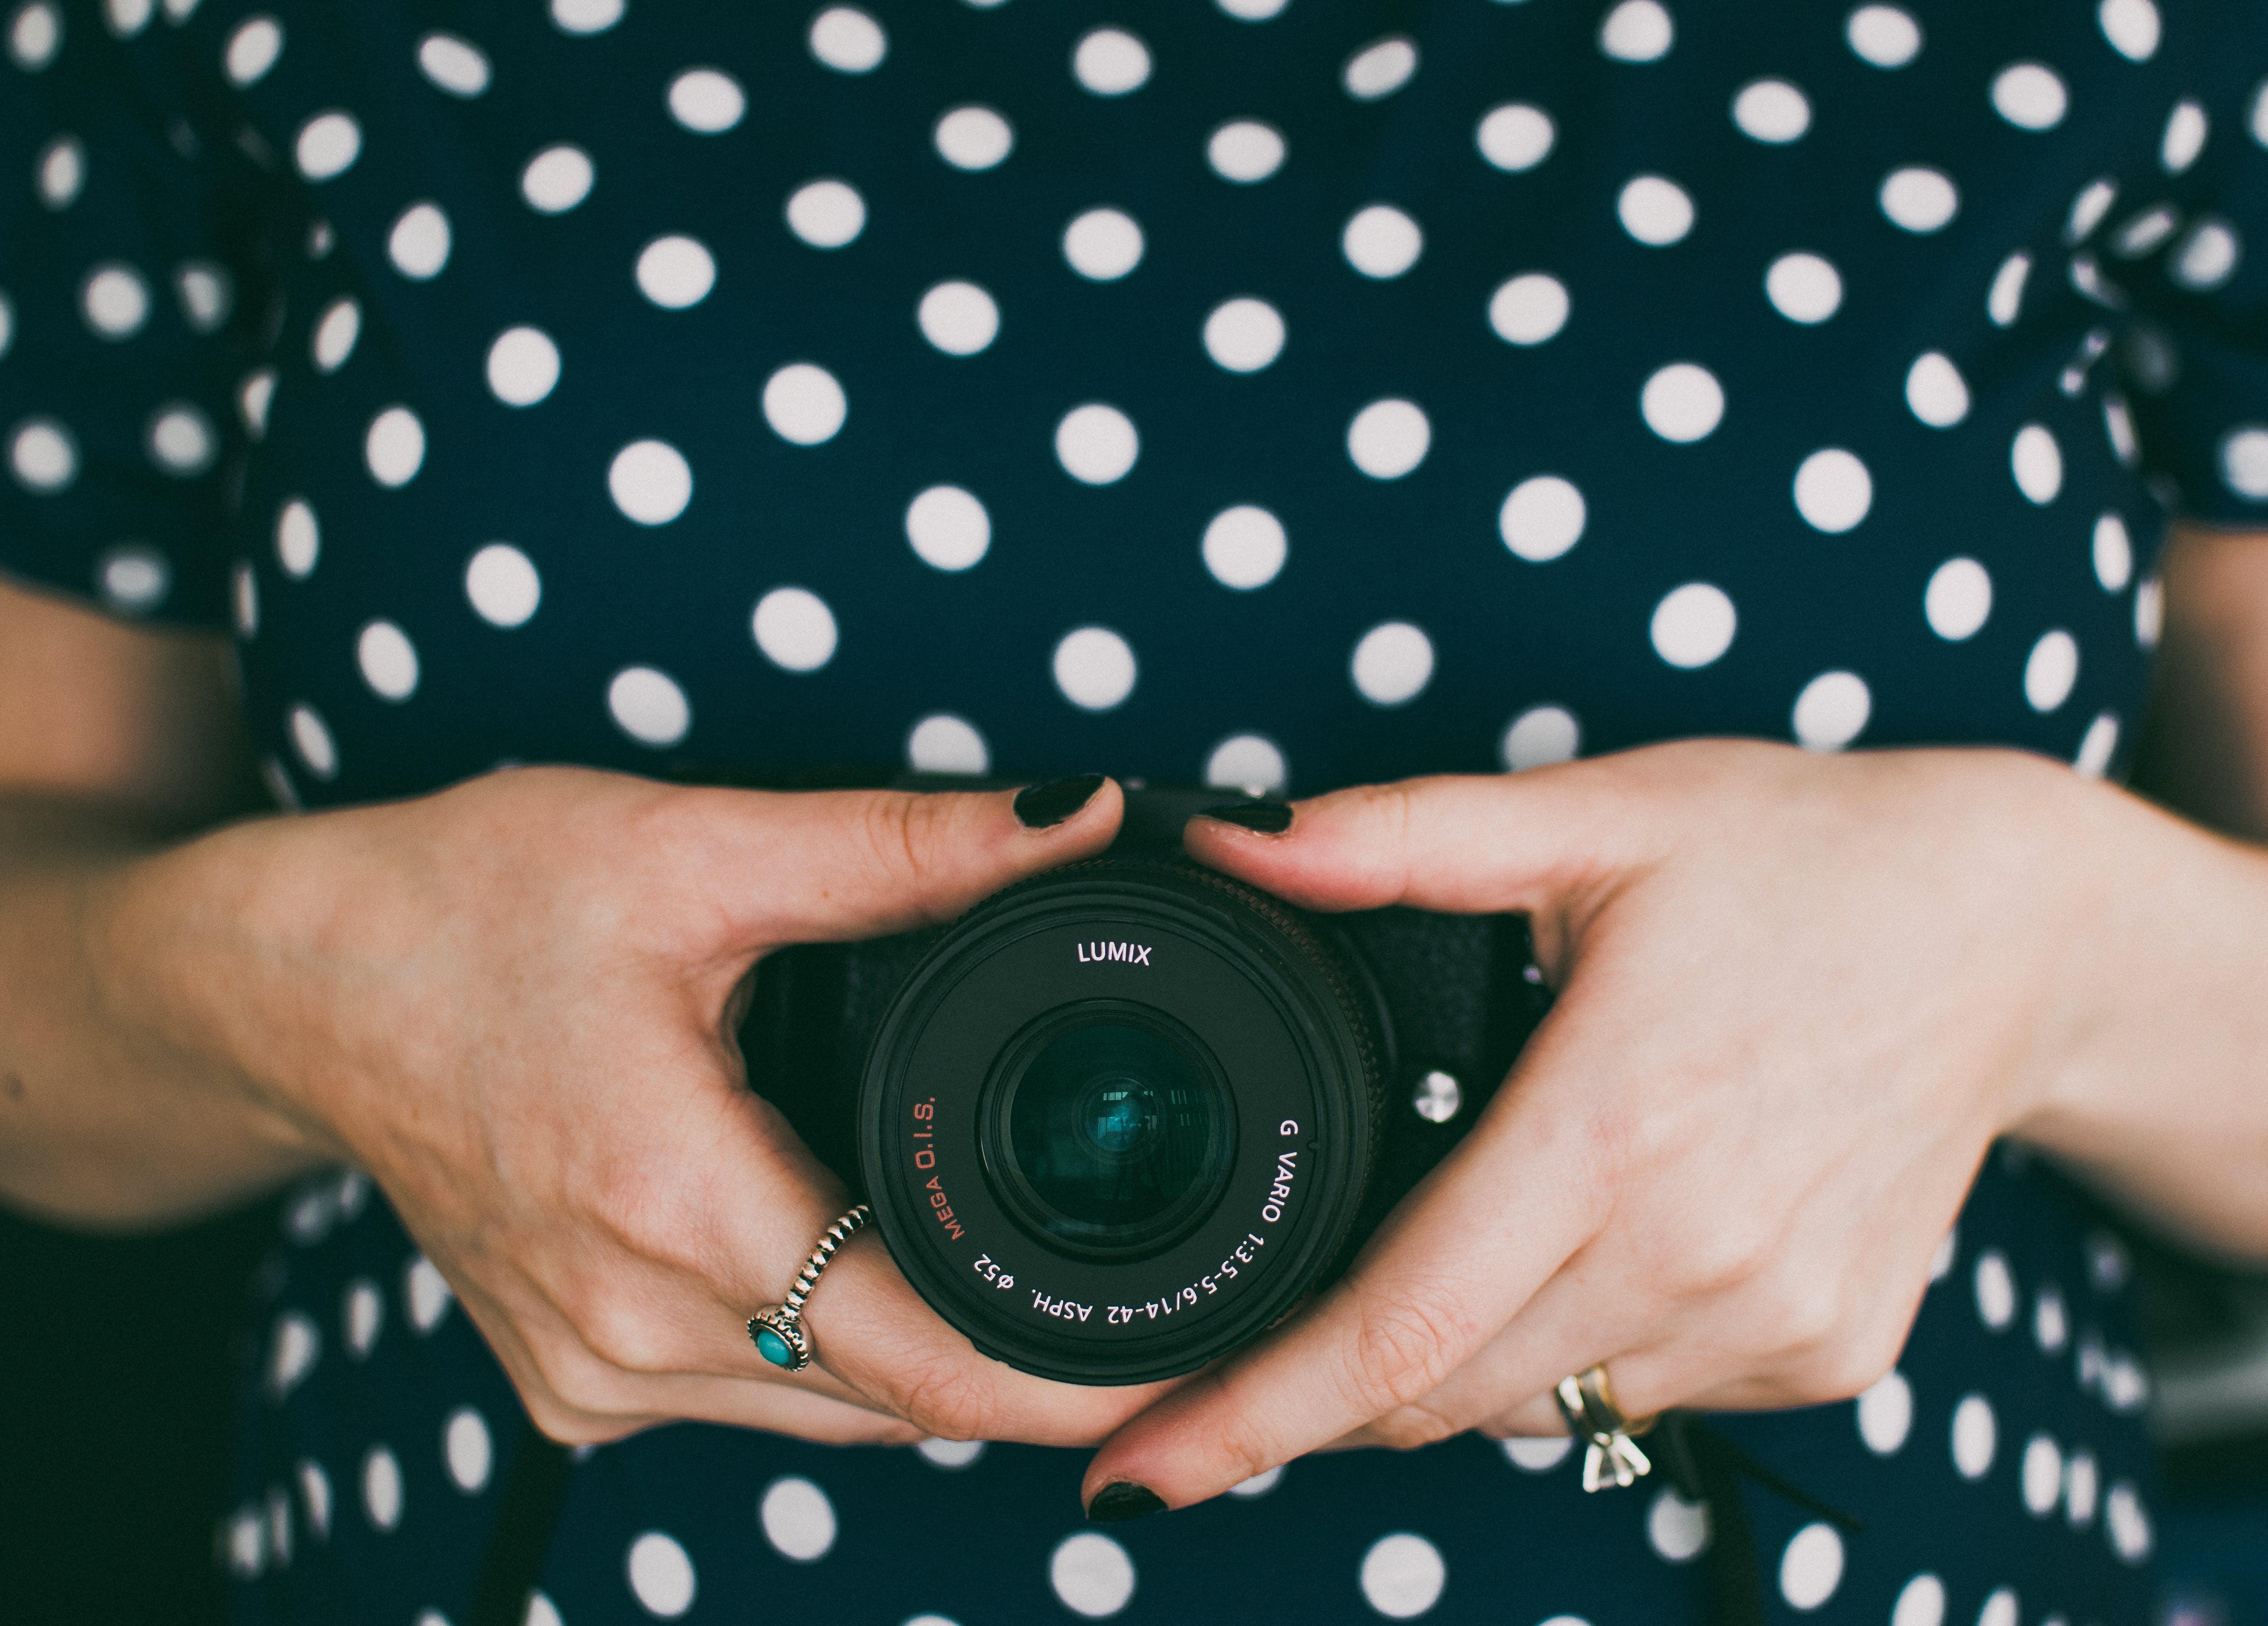 Immagine gratuita di fotocamera, mani, tenendo